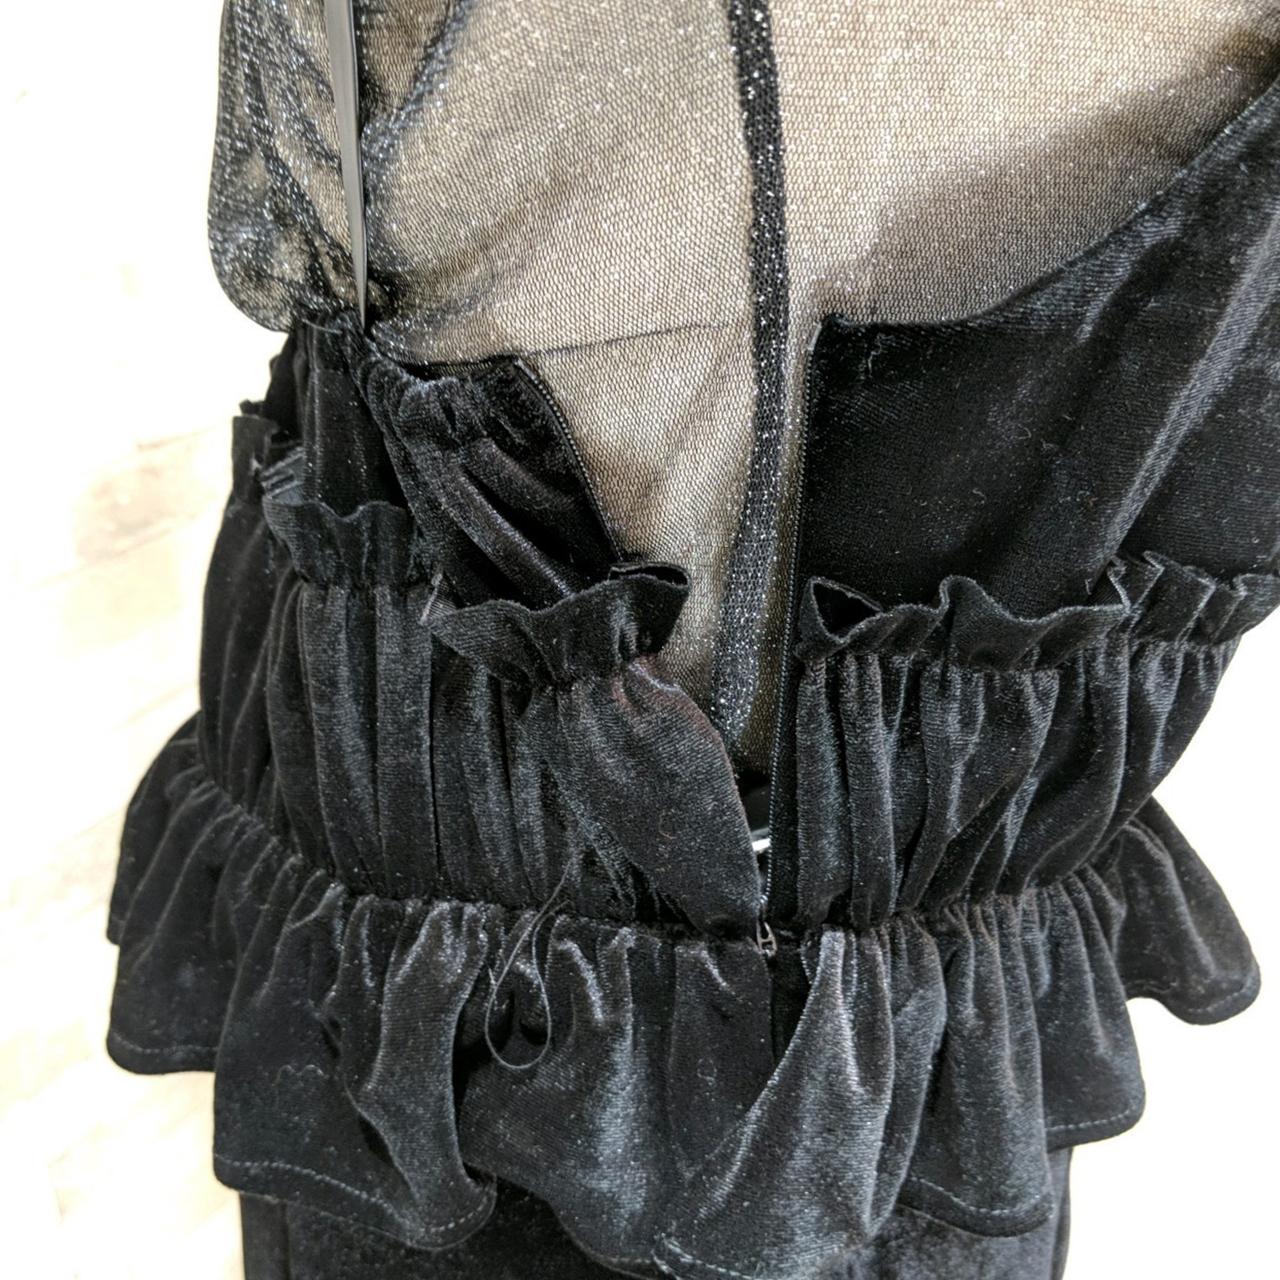 【即納】韓国 ファッション パーティードレス 結婚式 お呼ばれドレス セットアップ 春 秋 冬 パーティー ブライダル SPTXG169  シースルー ラメ ペプラム タイト 二次会 セレブ きれいめの写真18枚目